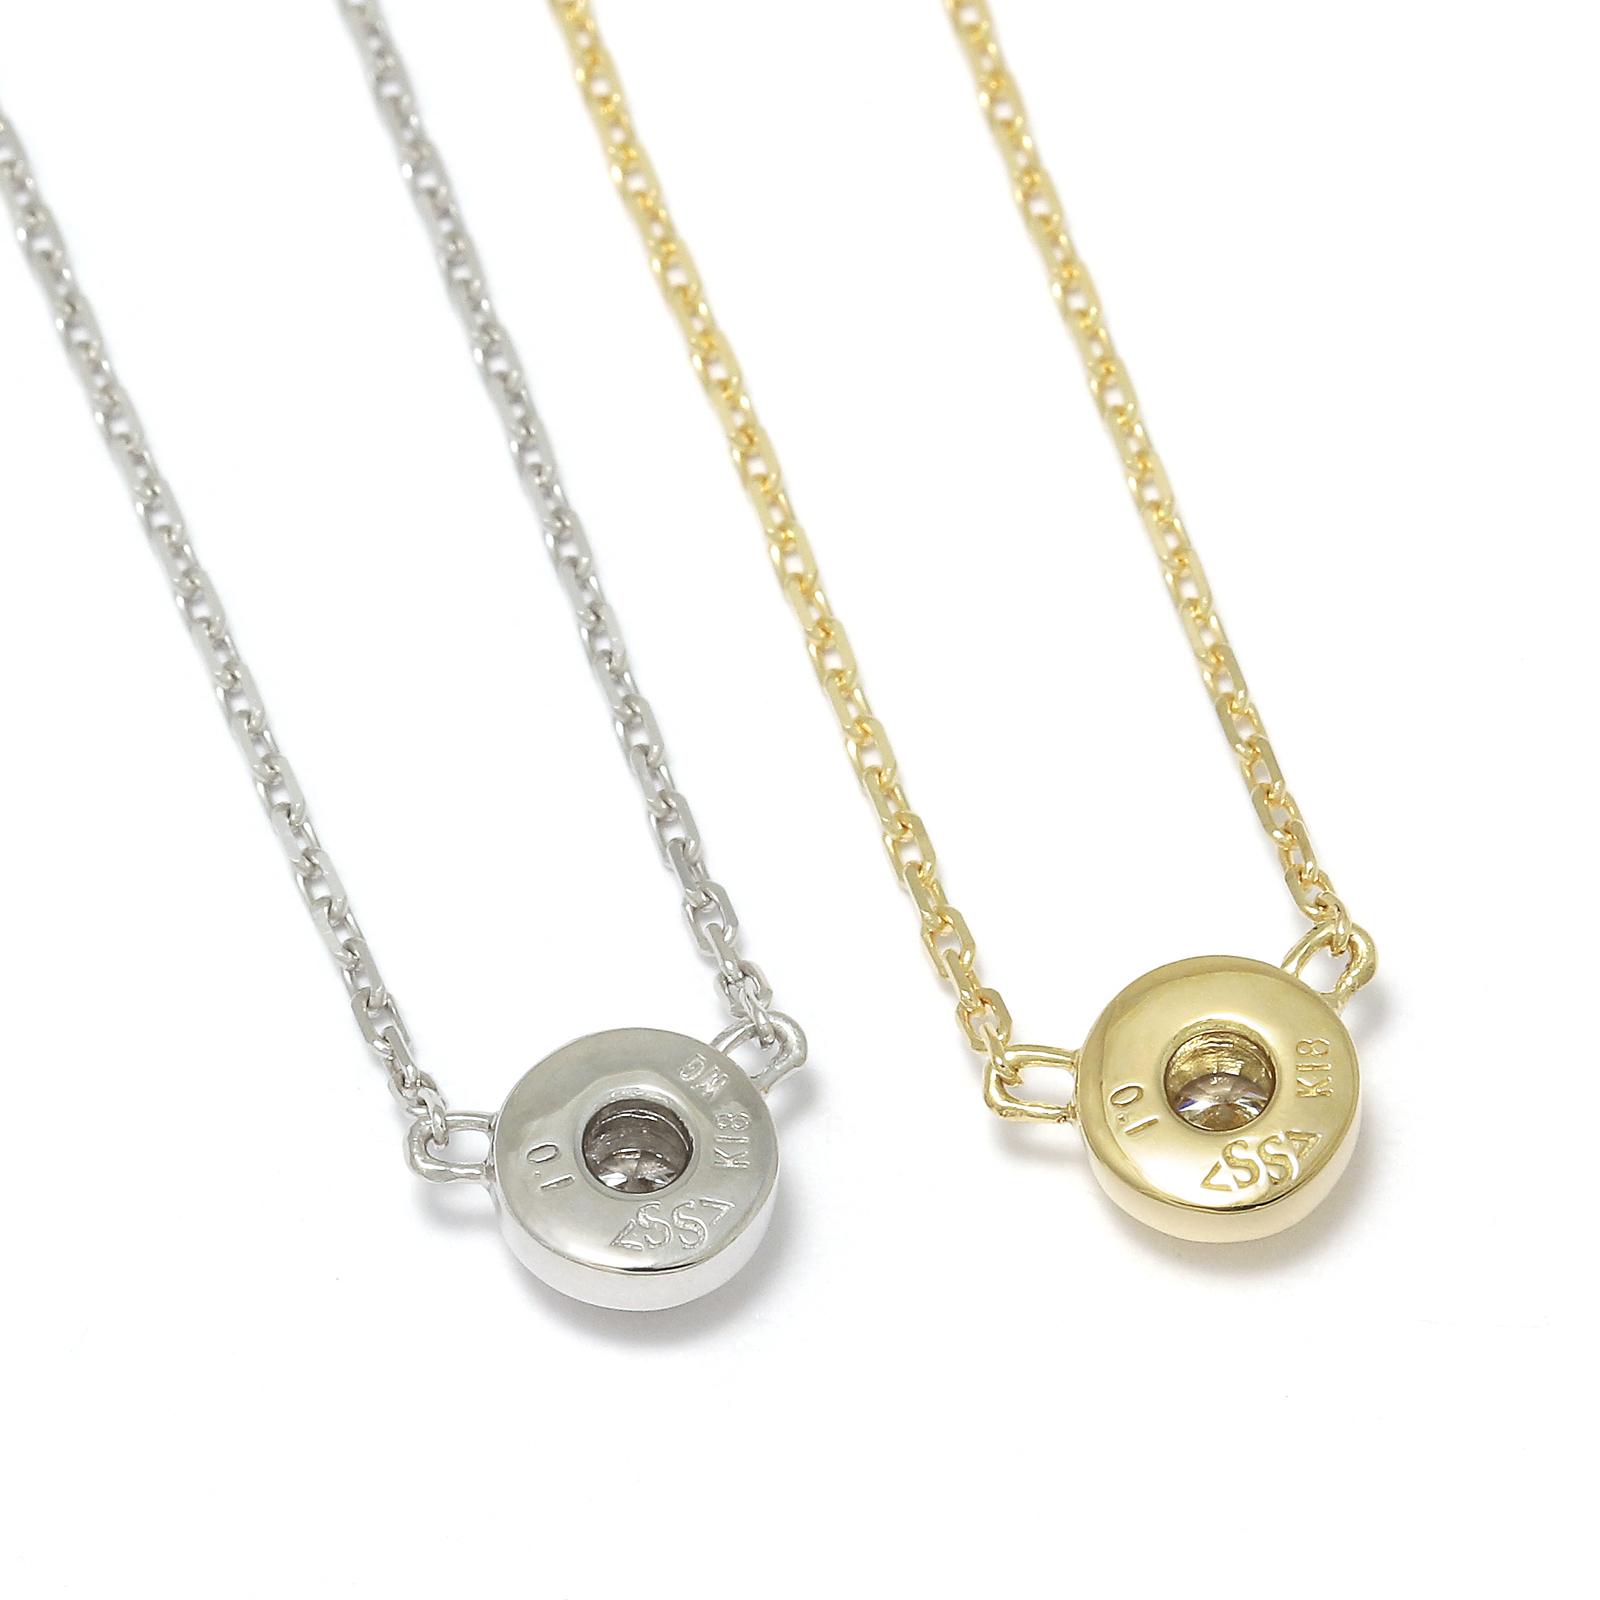 One Diamond Necklace - K18Gold w/Diamond